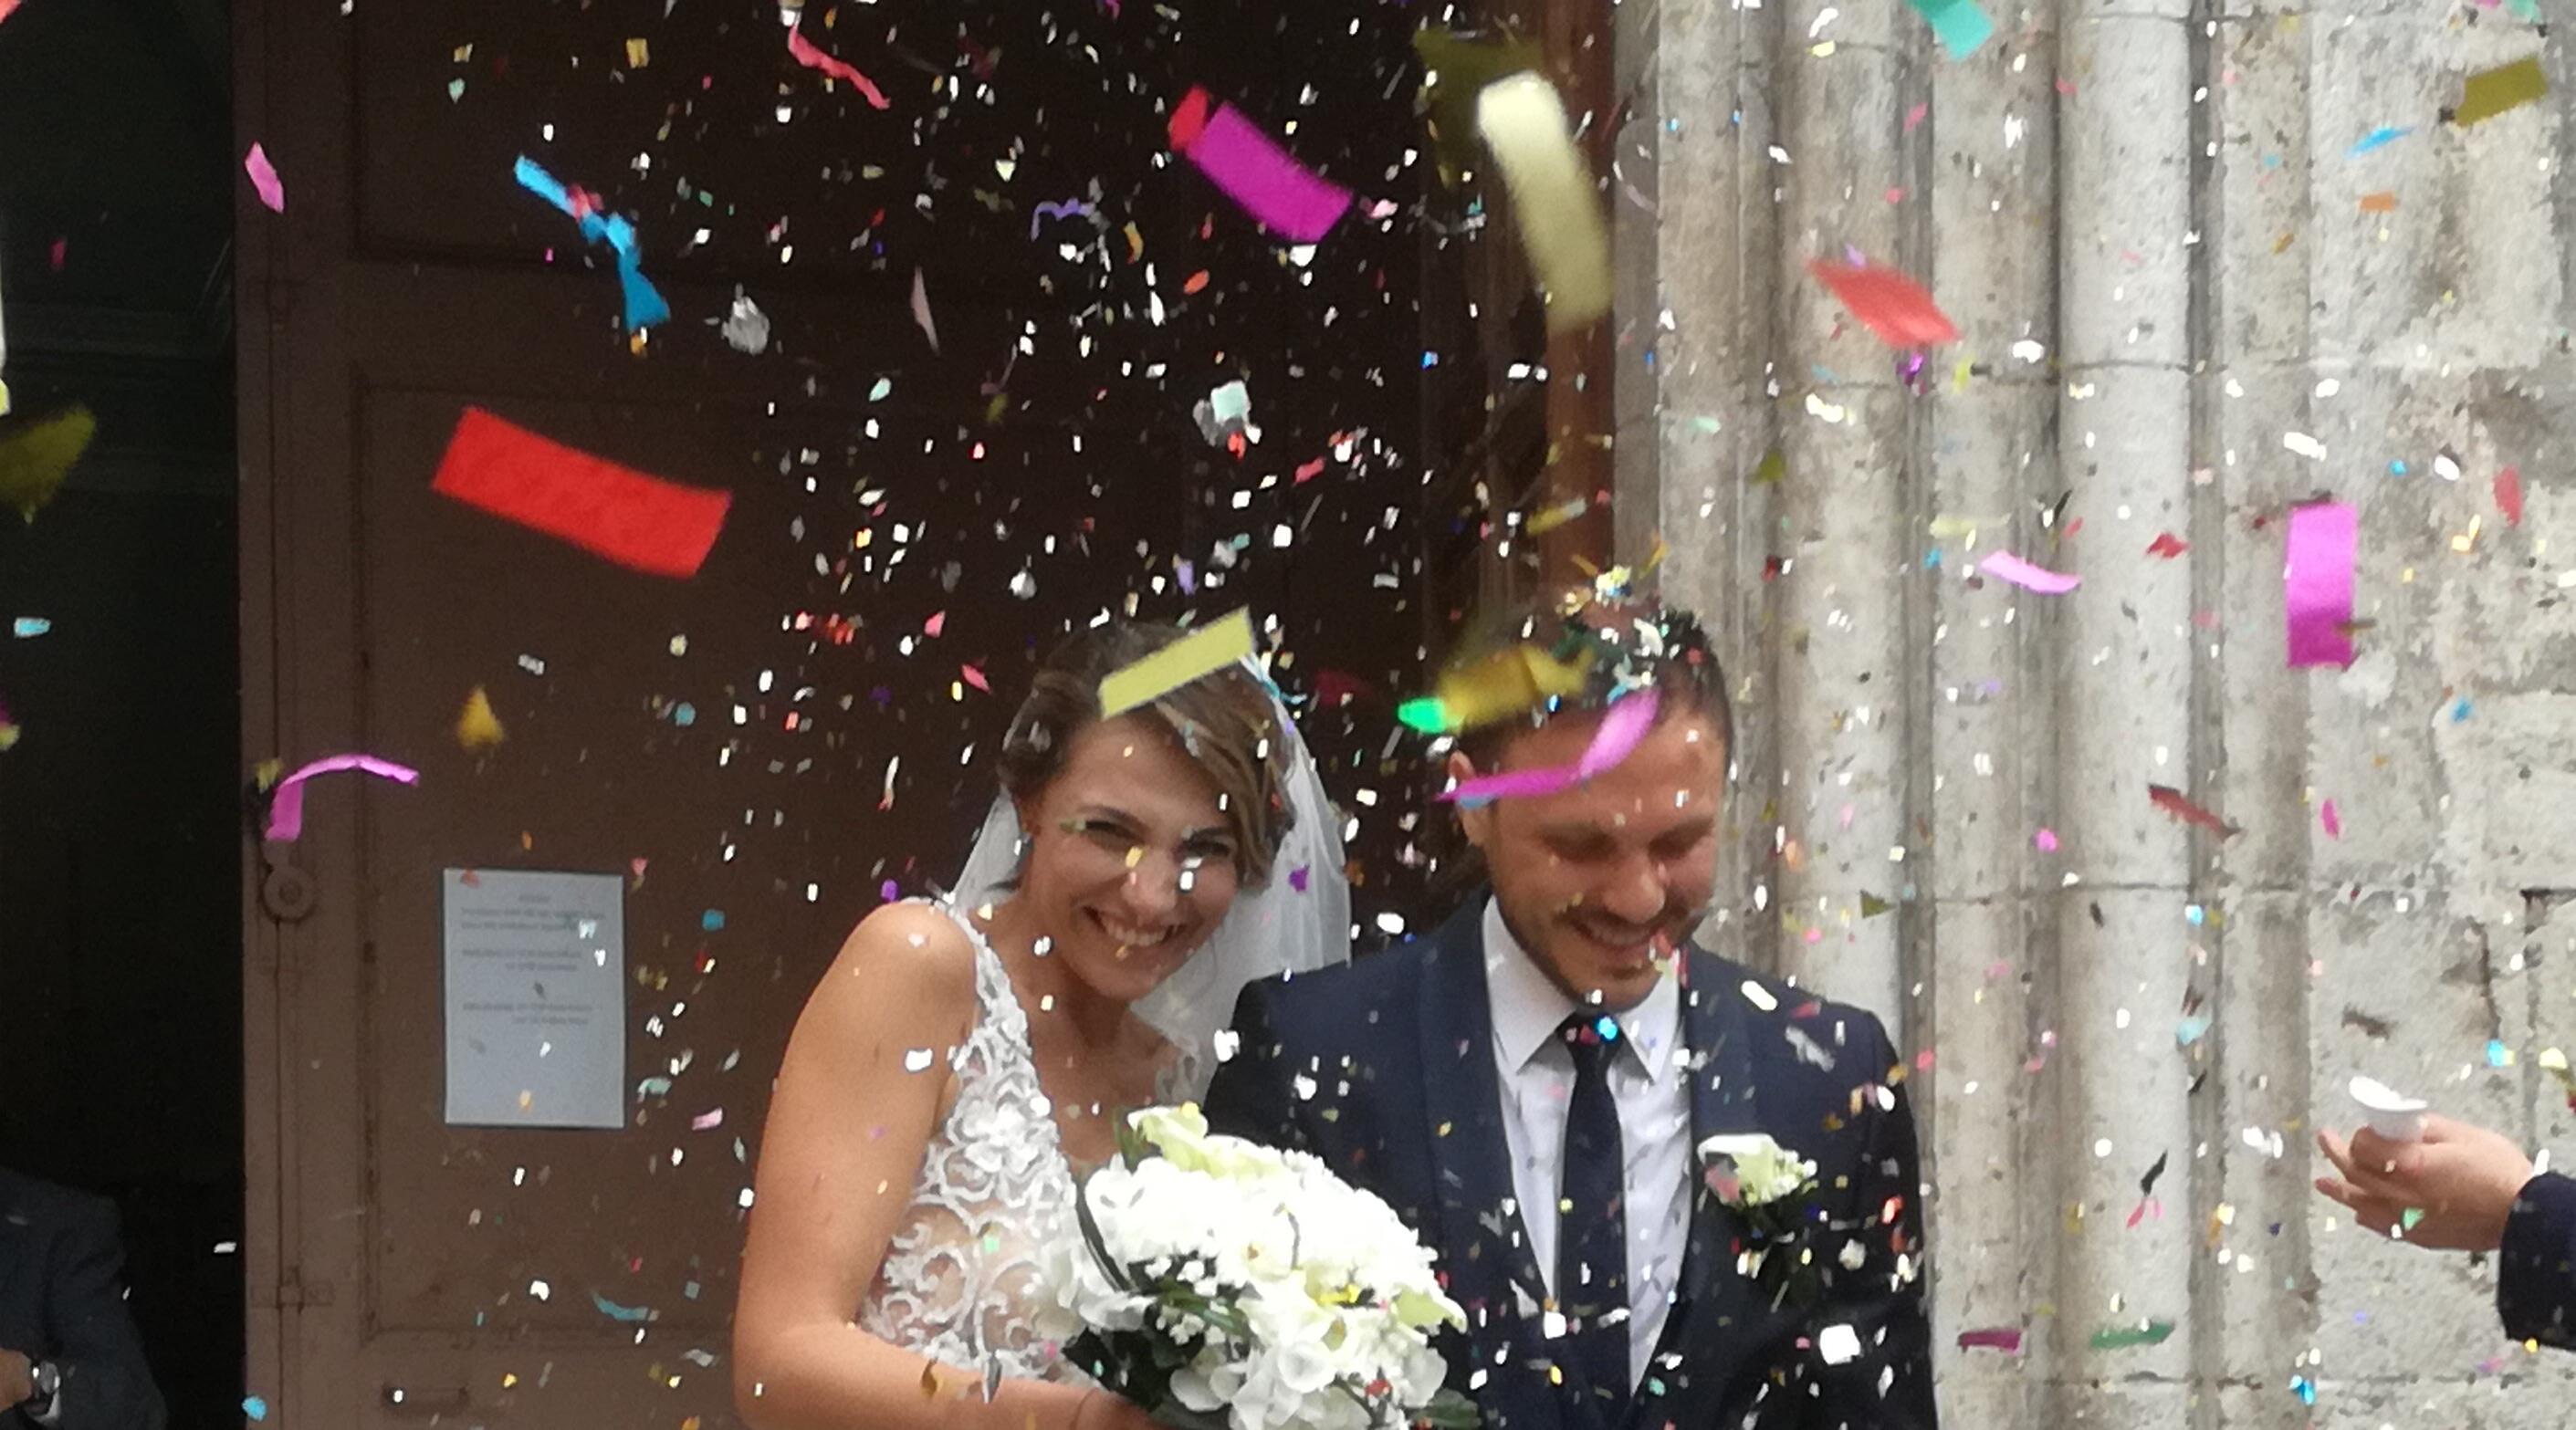 L'Angolo degli Auguri: la nostra redazione festeggia gli sposi Emilio e Francesca.